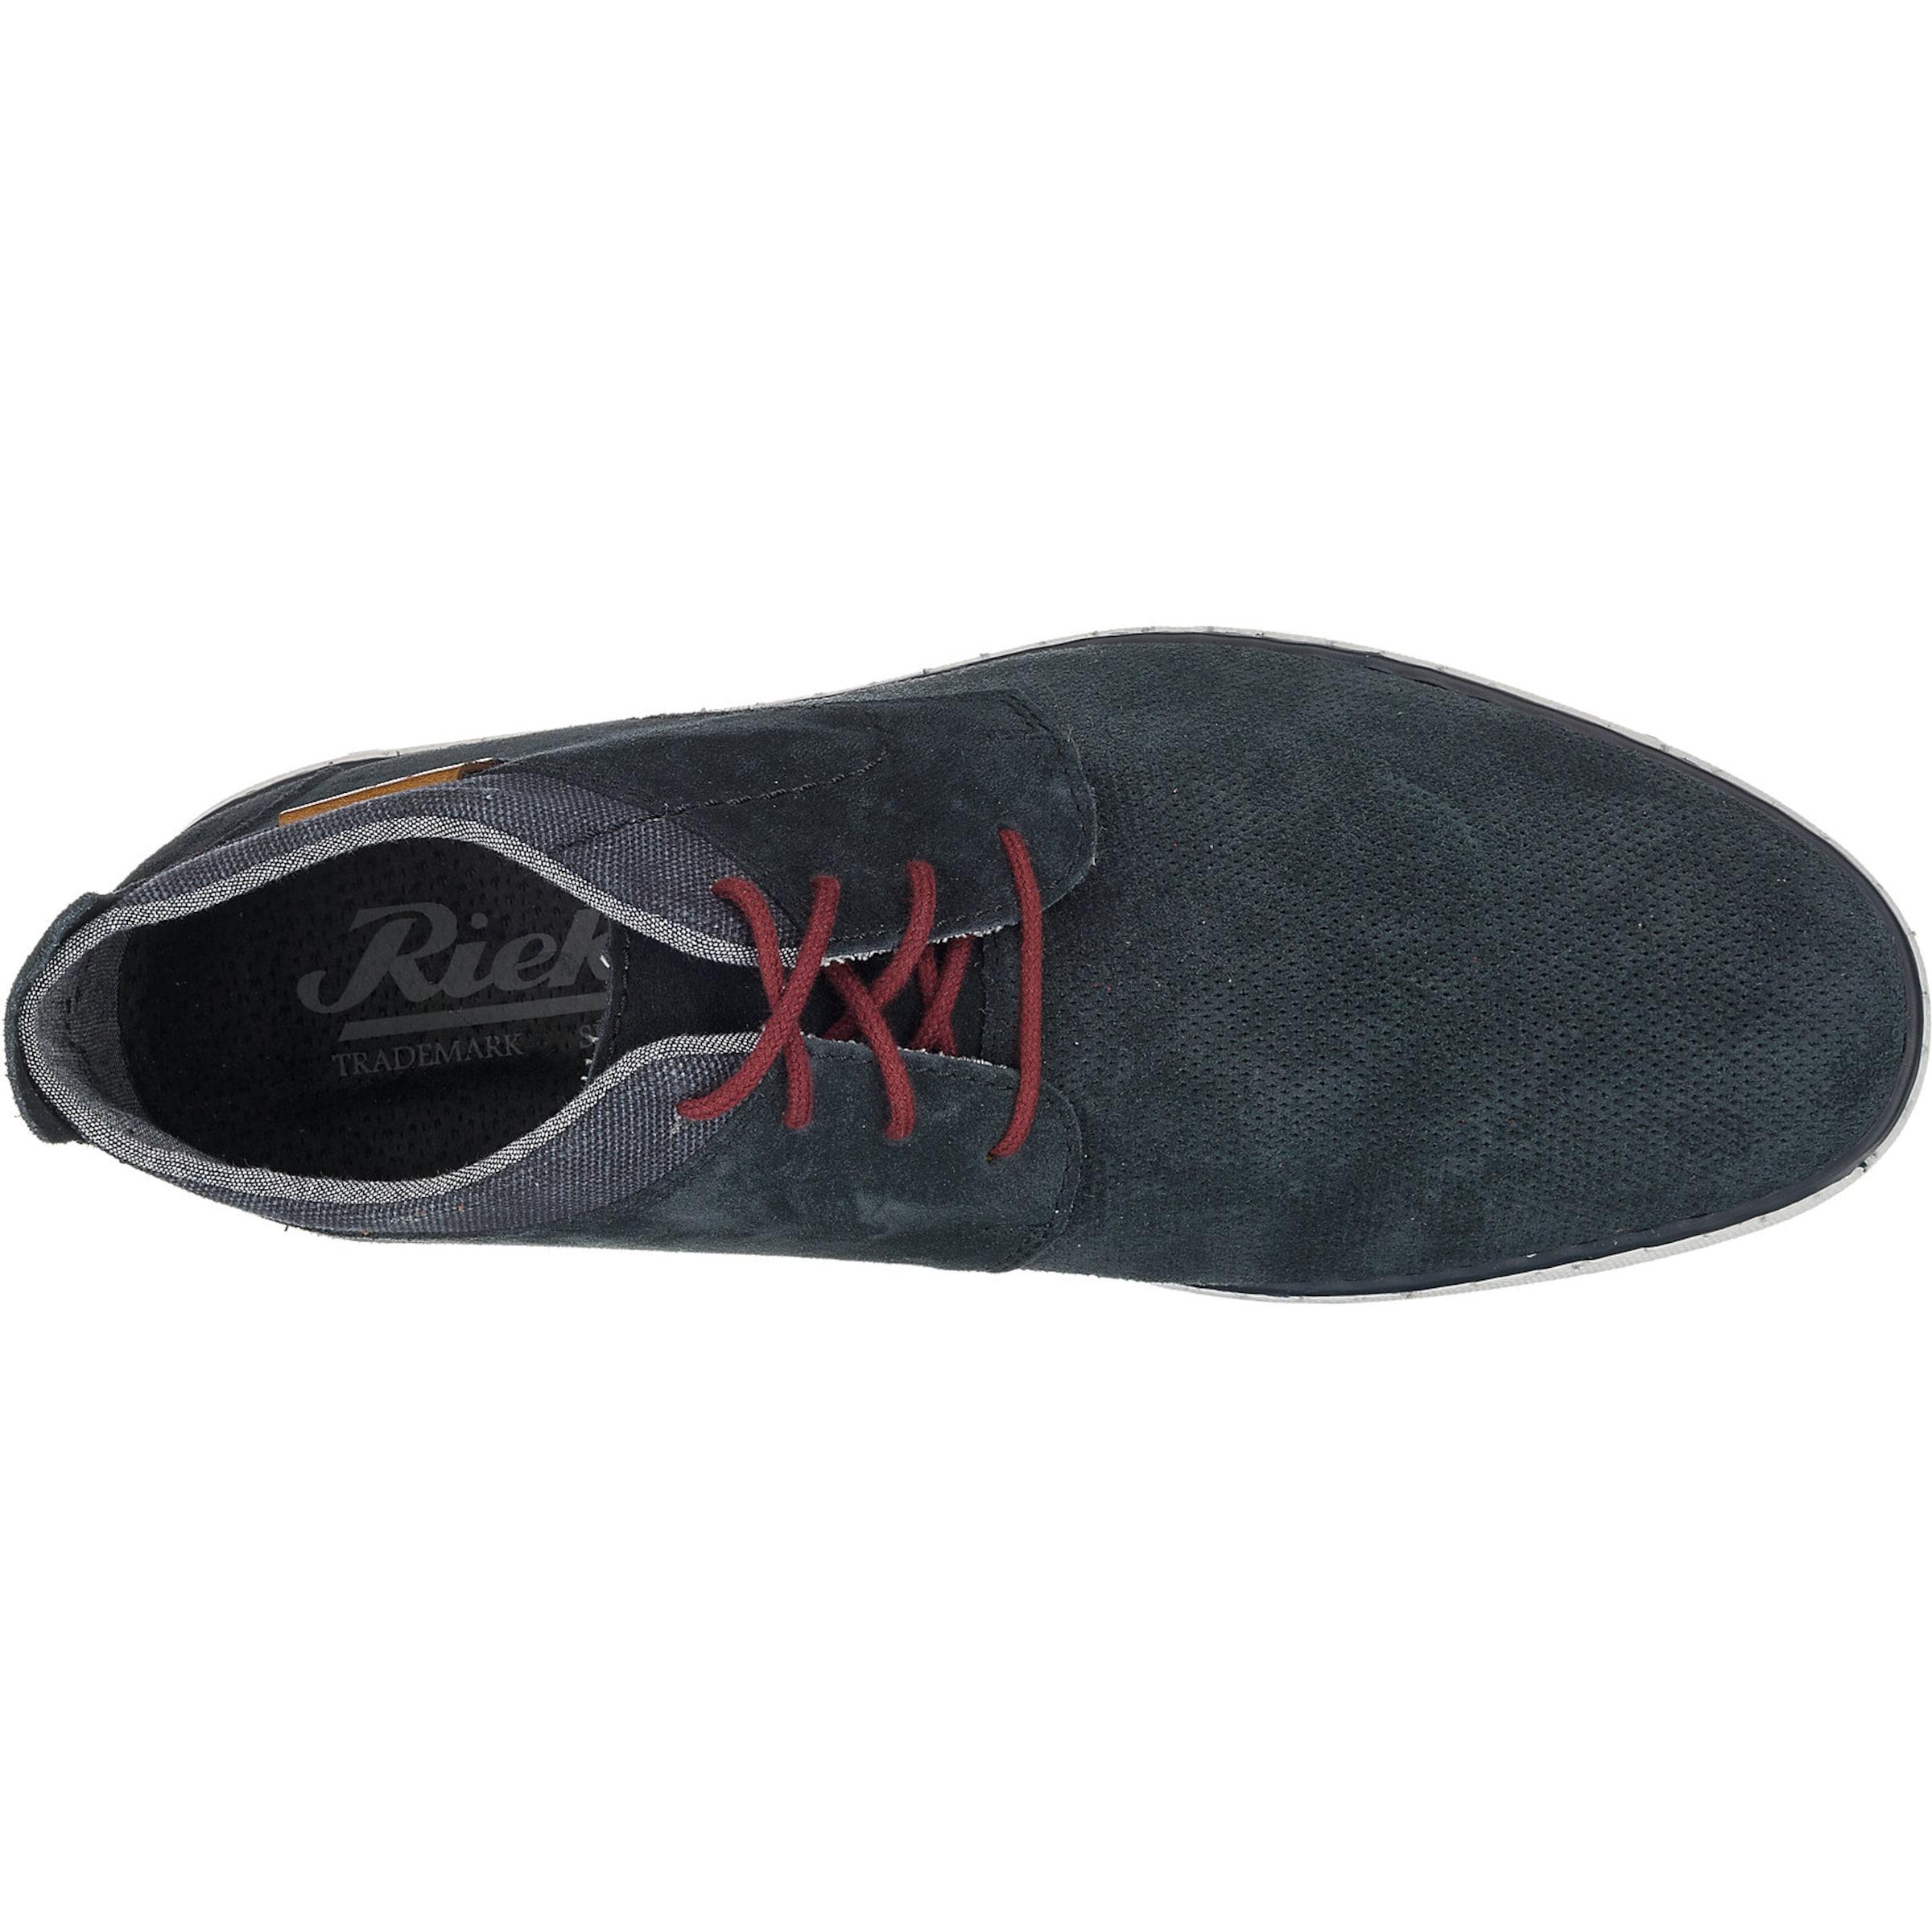 Sneakers Rieker In Sneakers In Sneakers Blau Rieker In Blau Blau Rieker I29EWDHY